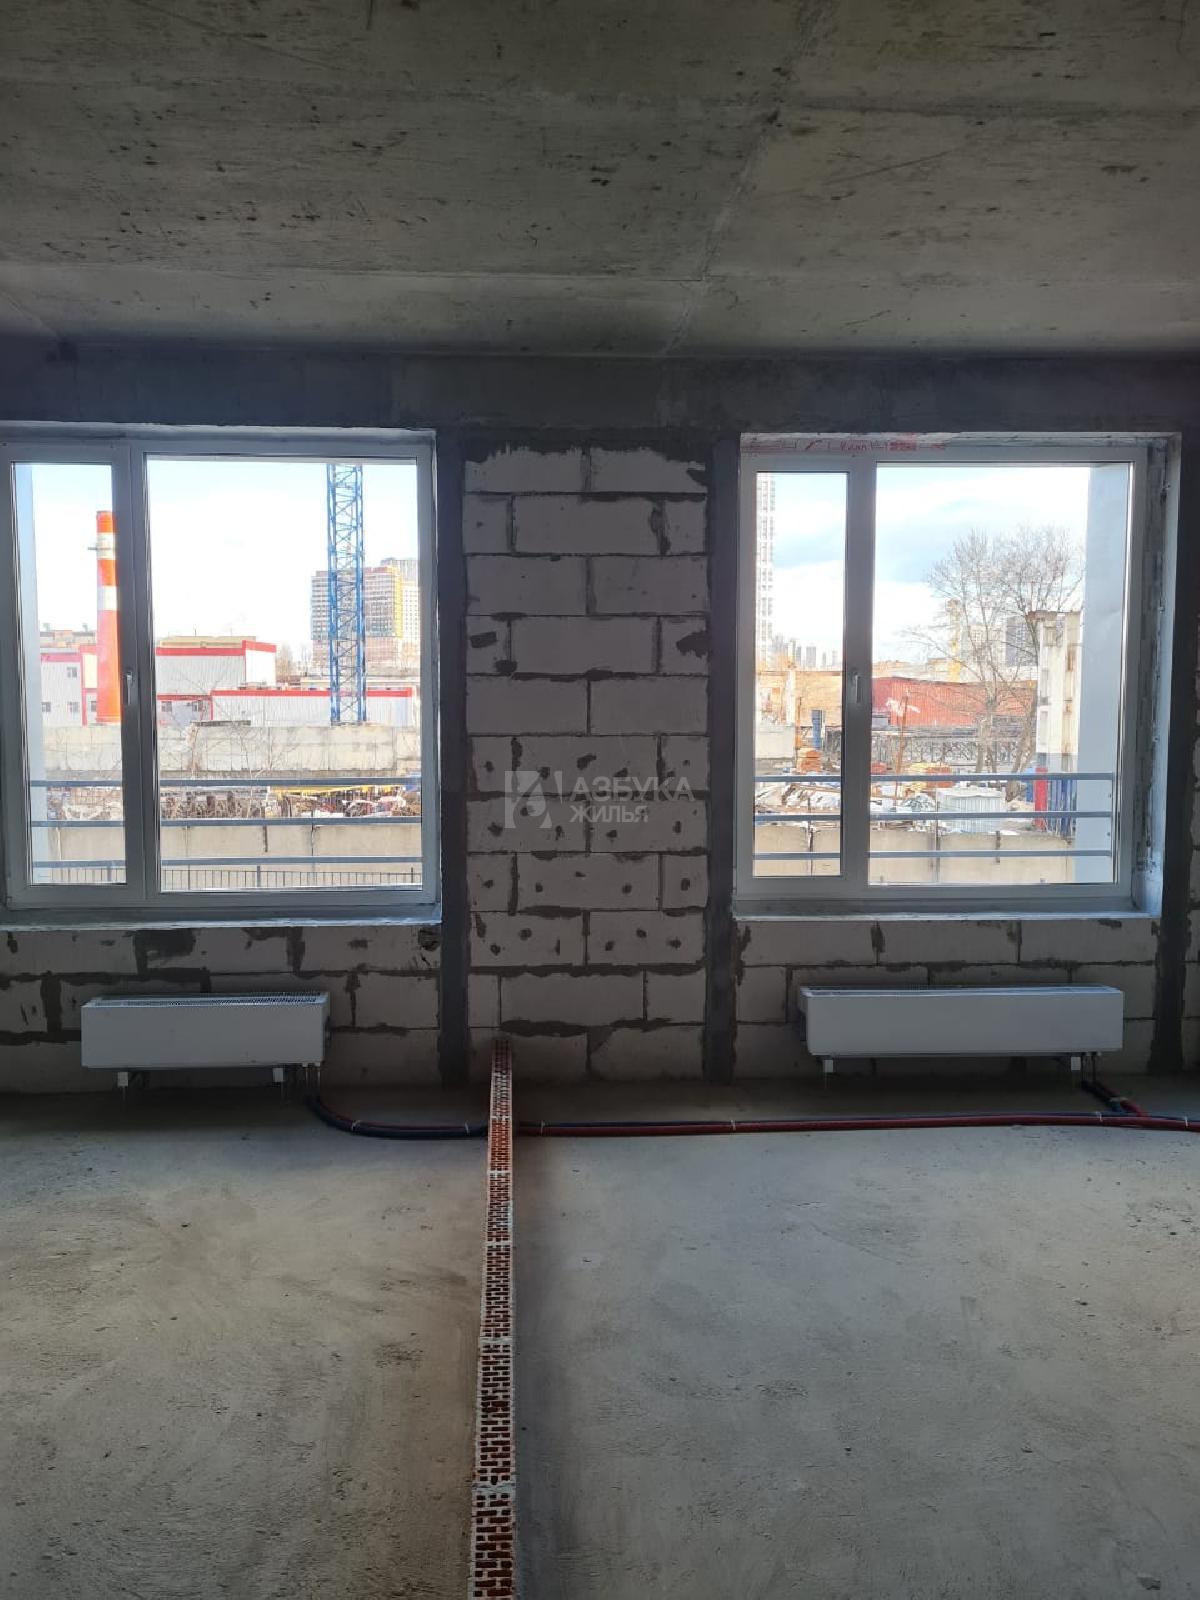 Фото №7 - 1-комнатная квартира, Москва, Силикатный 3-й проезд 4 корпус 1, метро Шелепиха